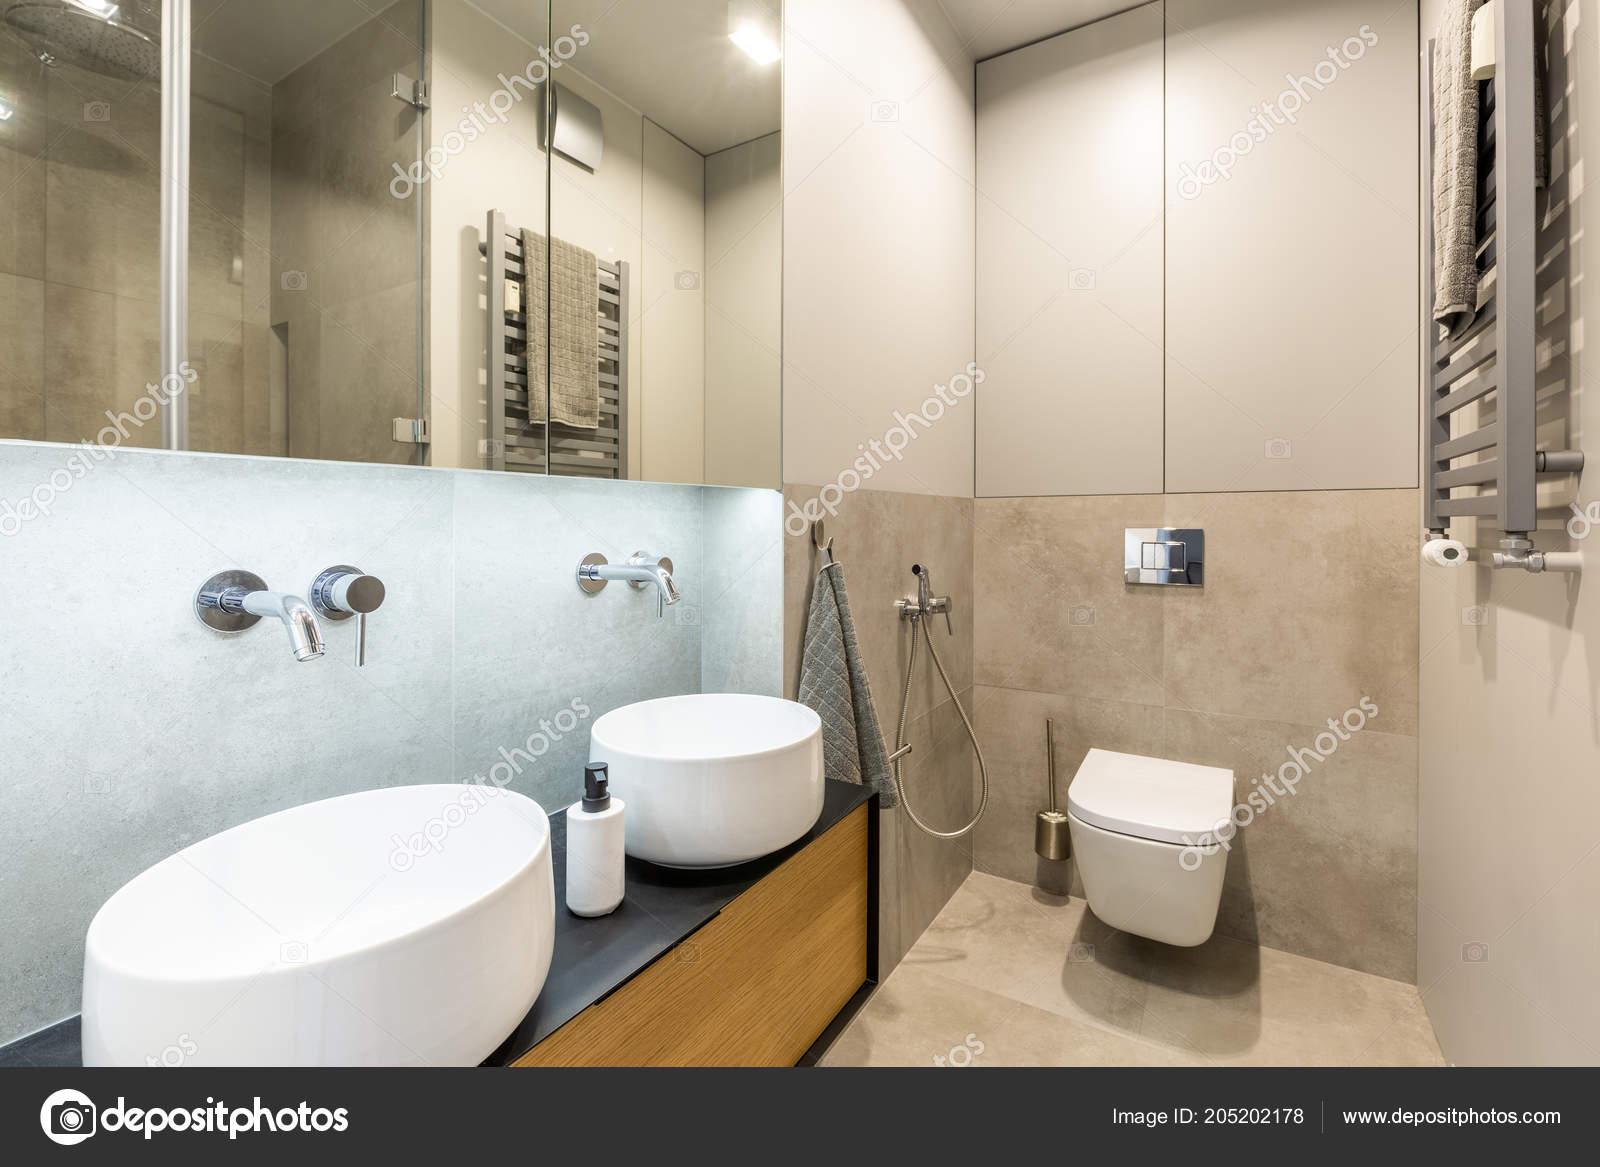 Stilvolles Modernes Badezimmer Interieur Mit Beige Marmor Fliesen ...